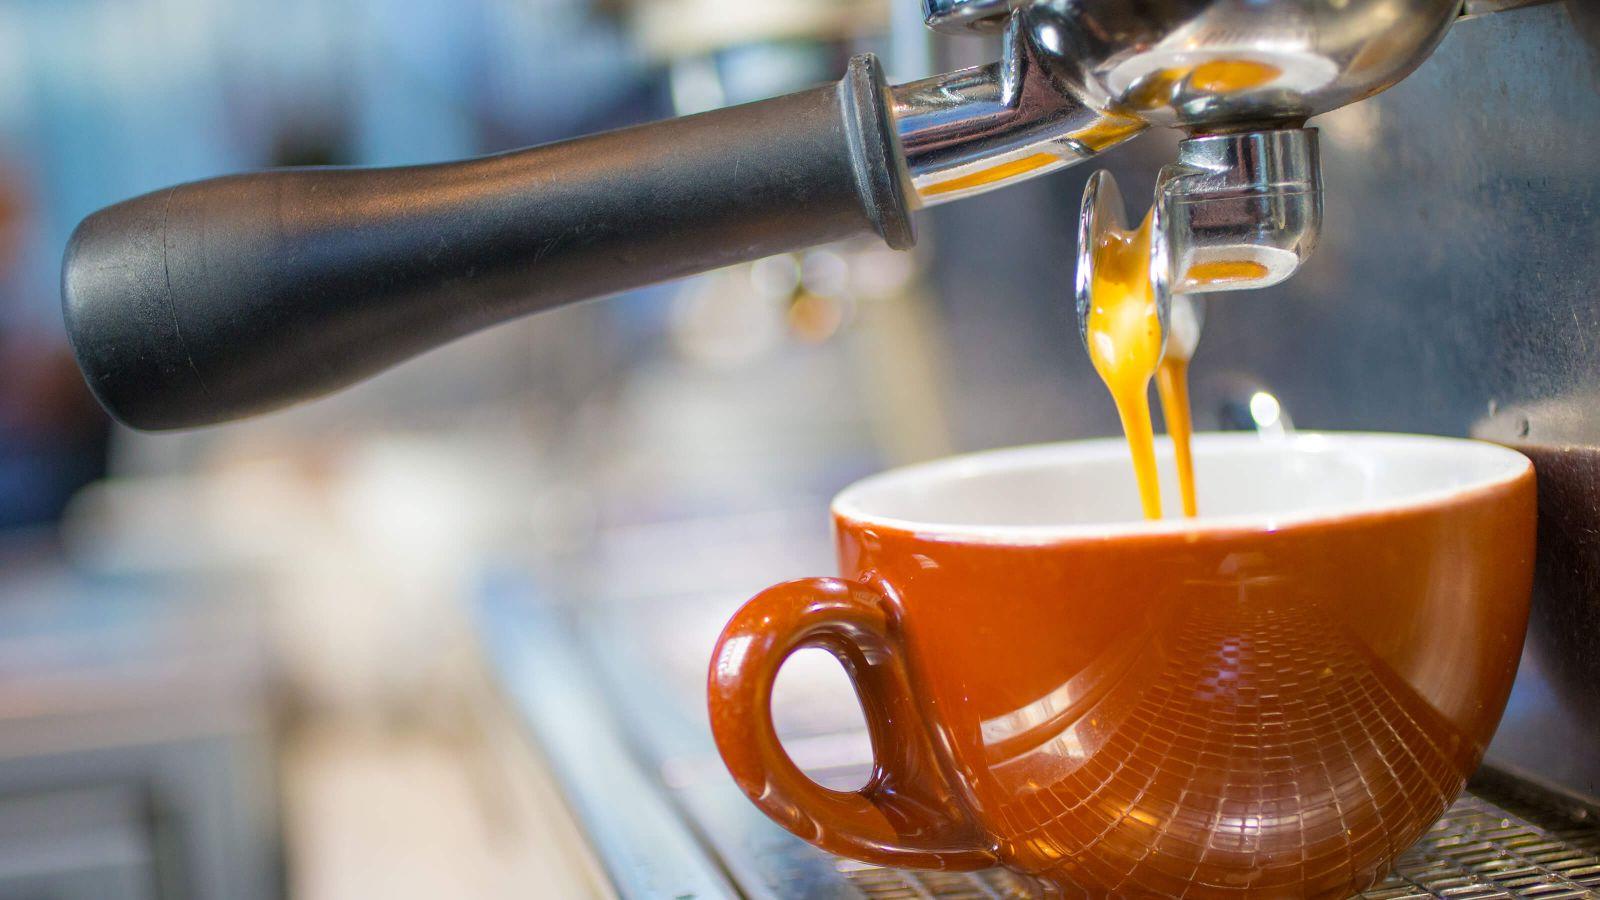 Espresso beginning to stream from a portafilter's snout into a red ceramic mug.